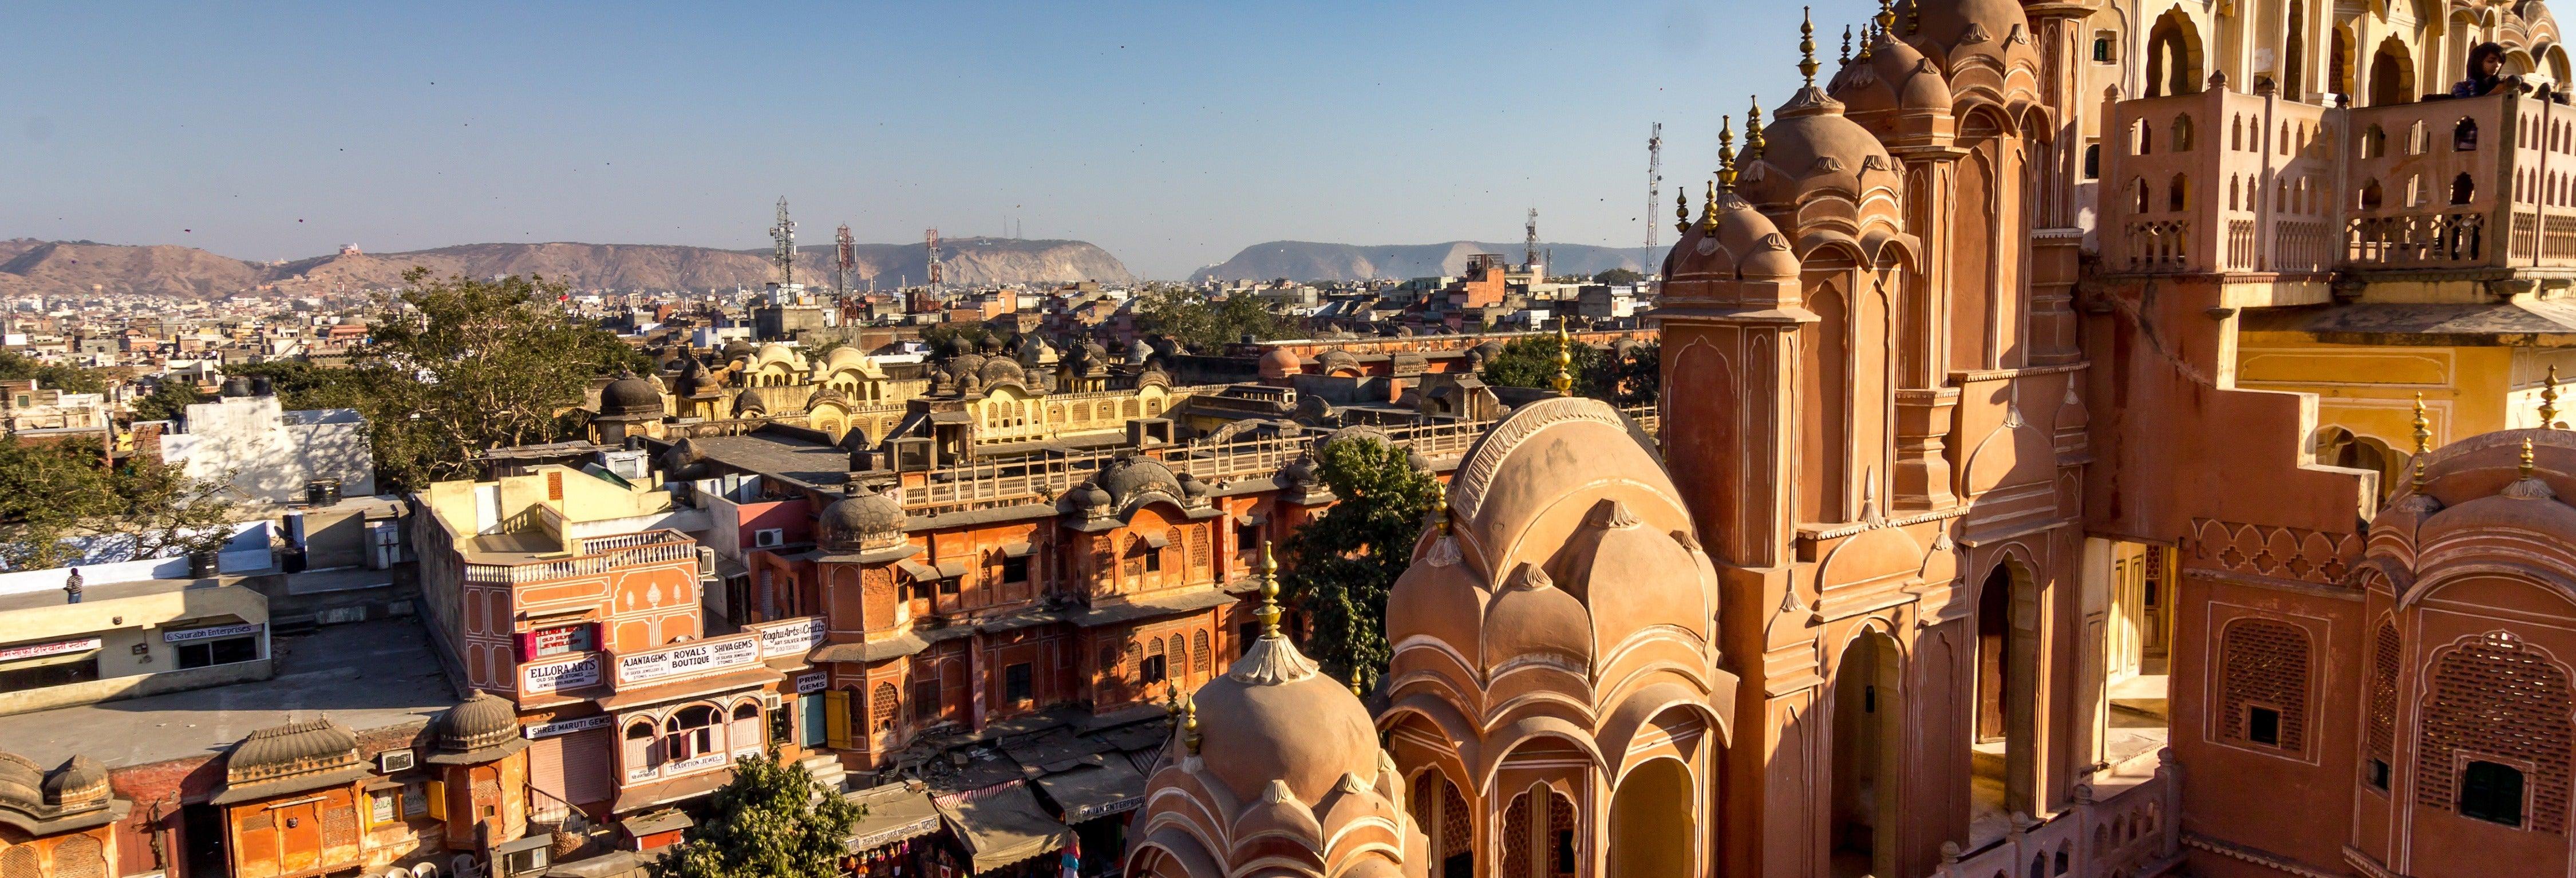 Tour privado por Jaipur y el Fuerte Amber